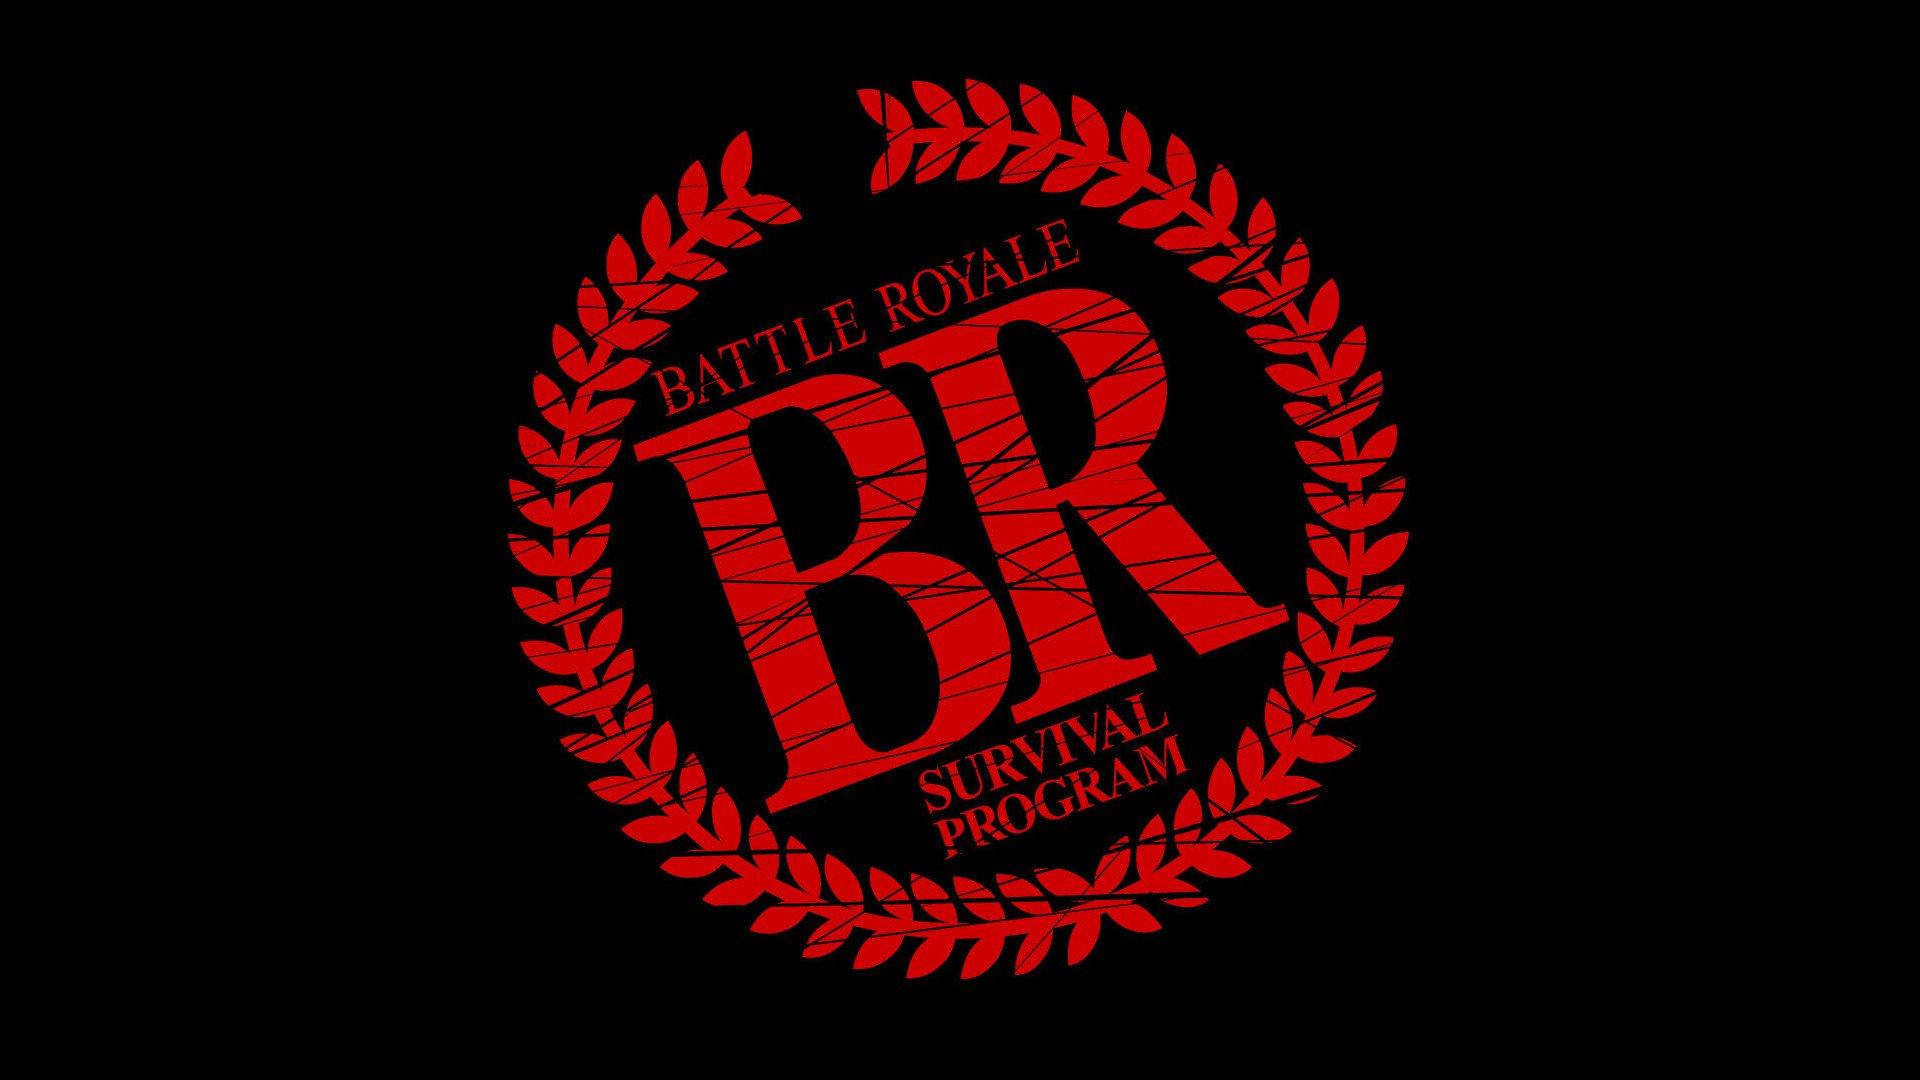 Regarder Battle Royale en streaming gratuit